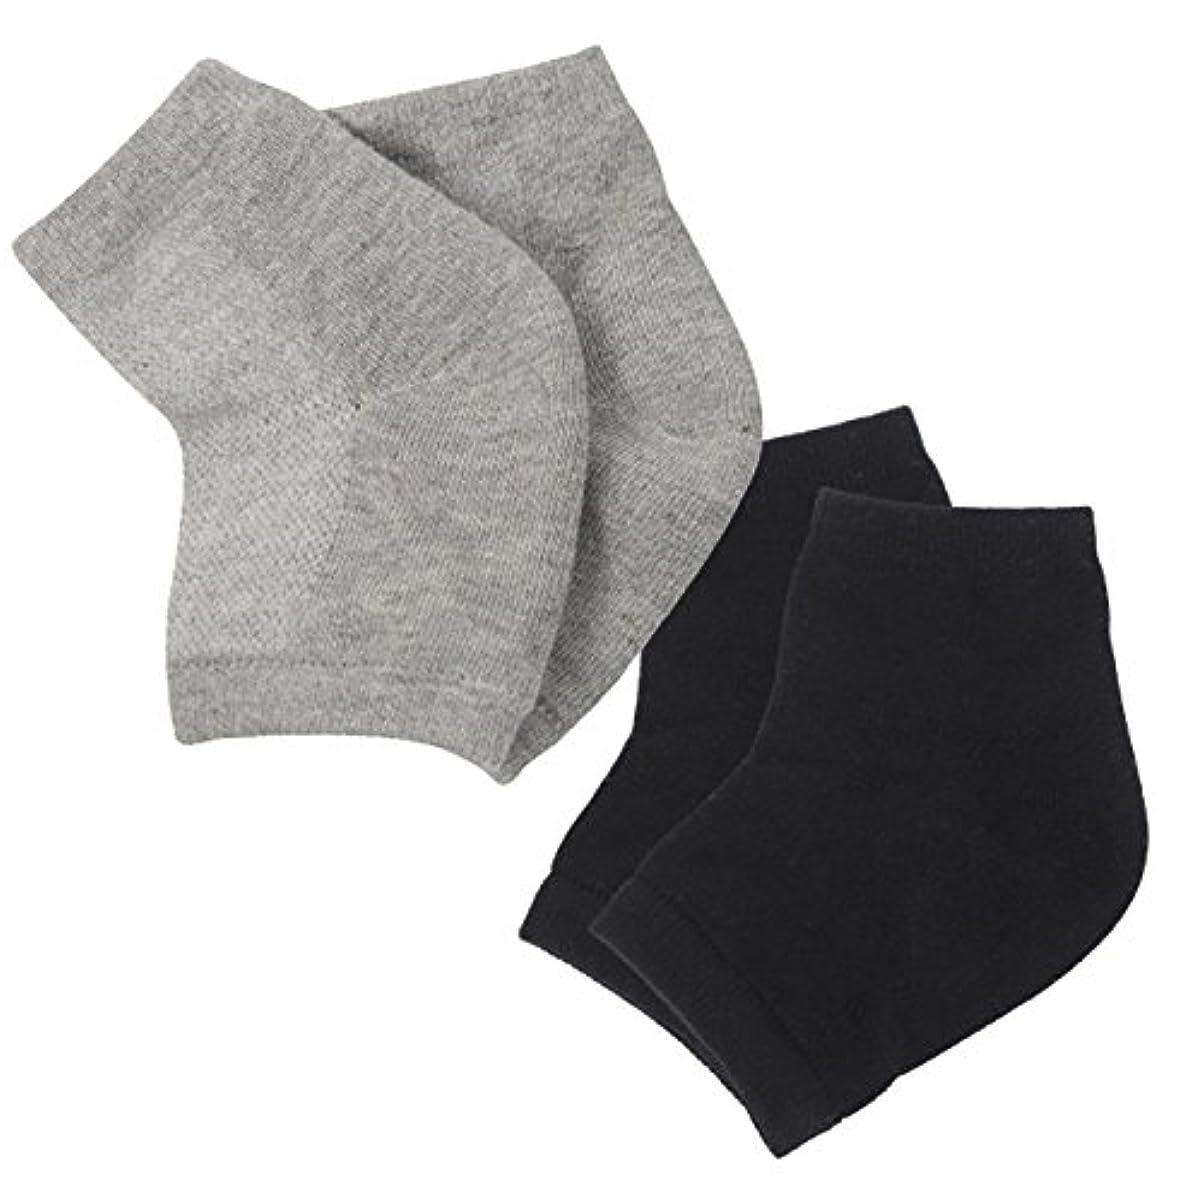 シルエット特徴損なう(アクアランド) AQUALAND かかと 保湿ソックス ツルツル 乾燥 カサカサ 履くだけ 簡単 洗える シリコン 指だし 削らない 塗らない 寝ている間に 男女兼用 サイズフリー 2足組セット (ブラック+グレー)